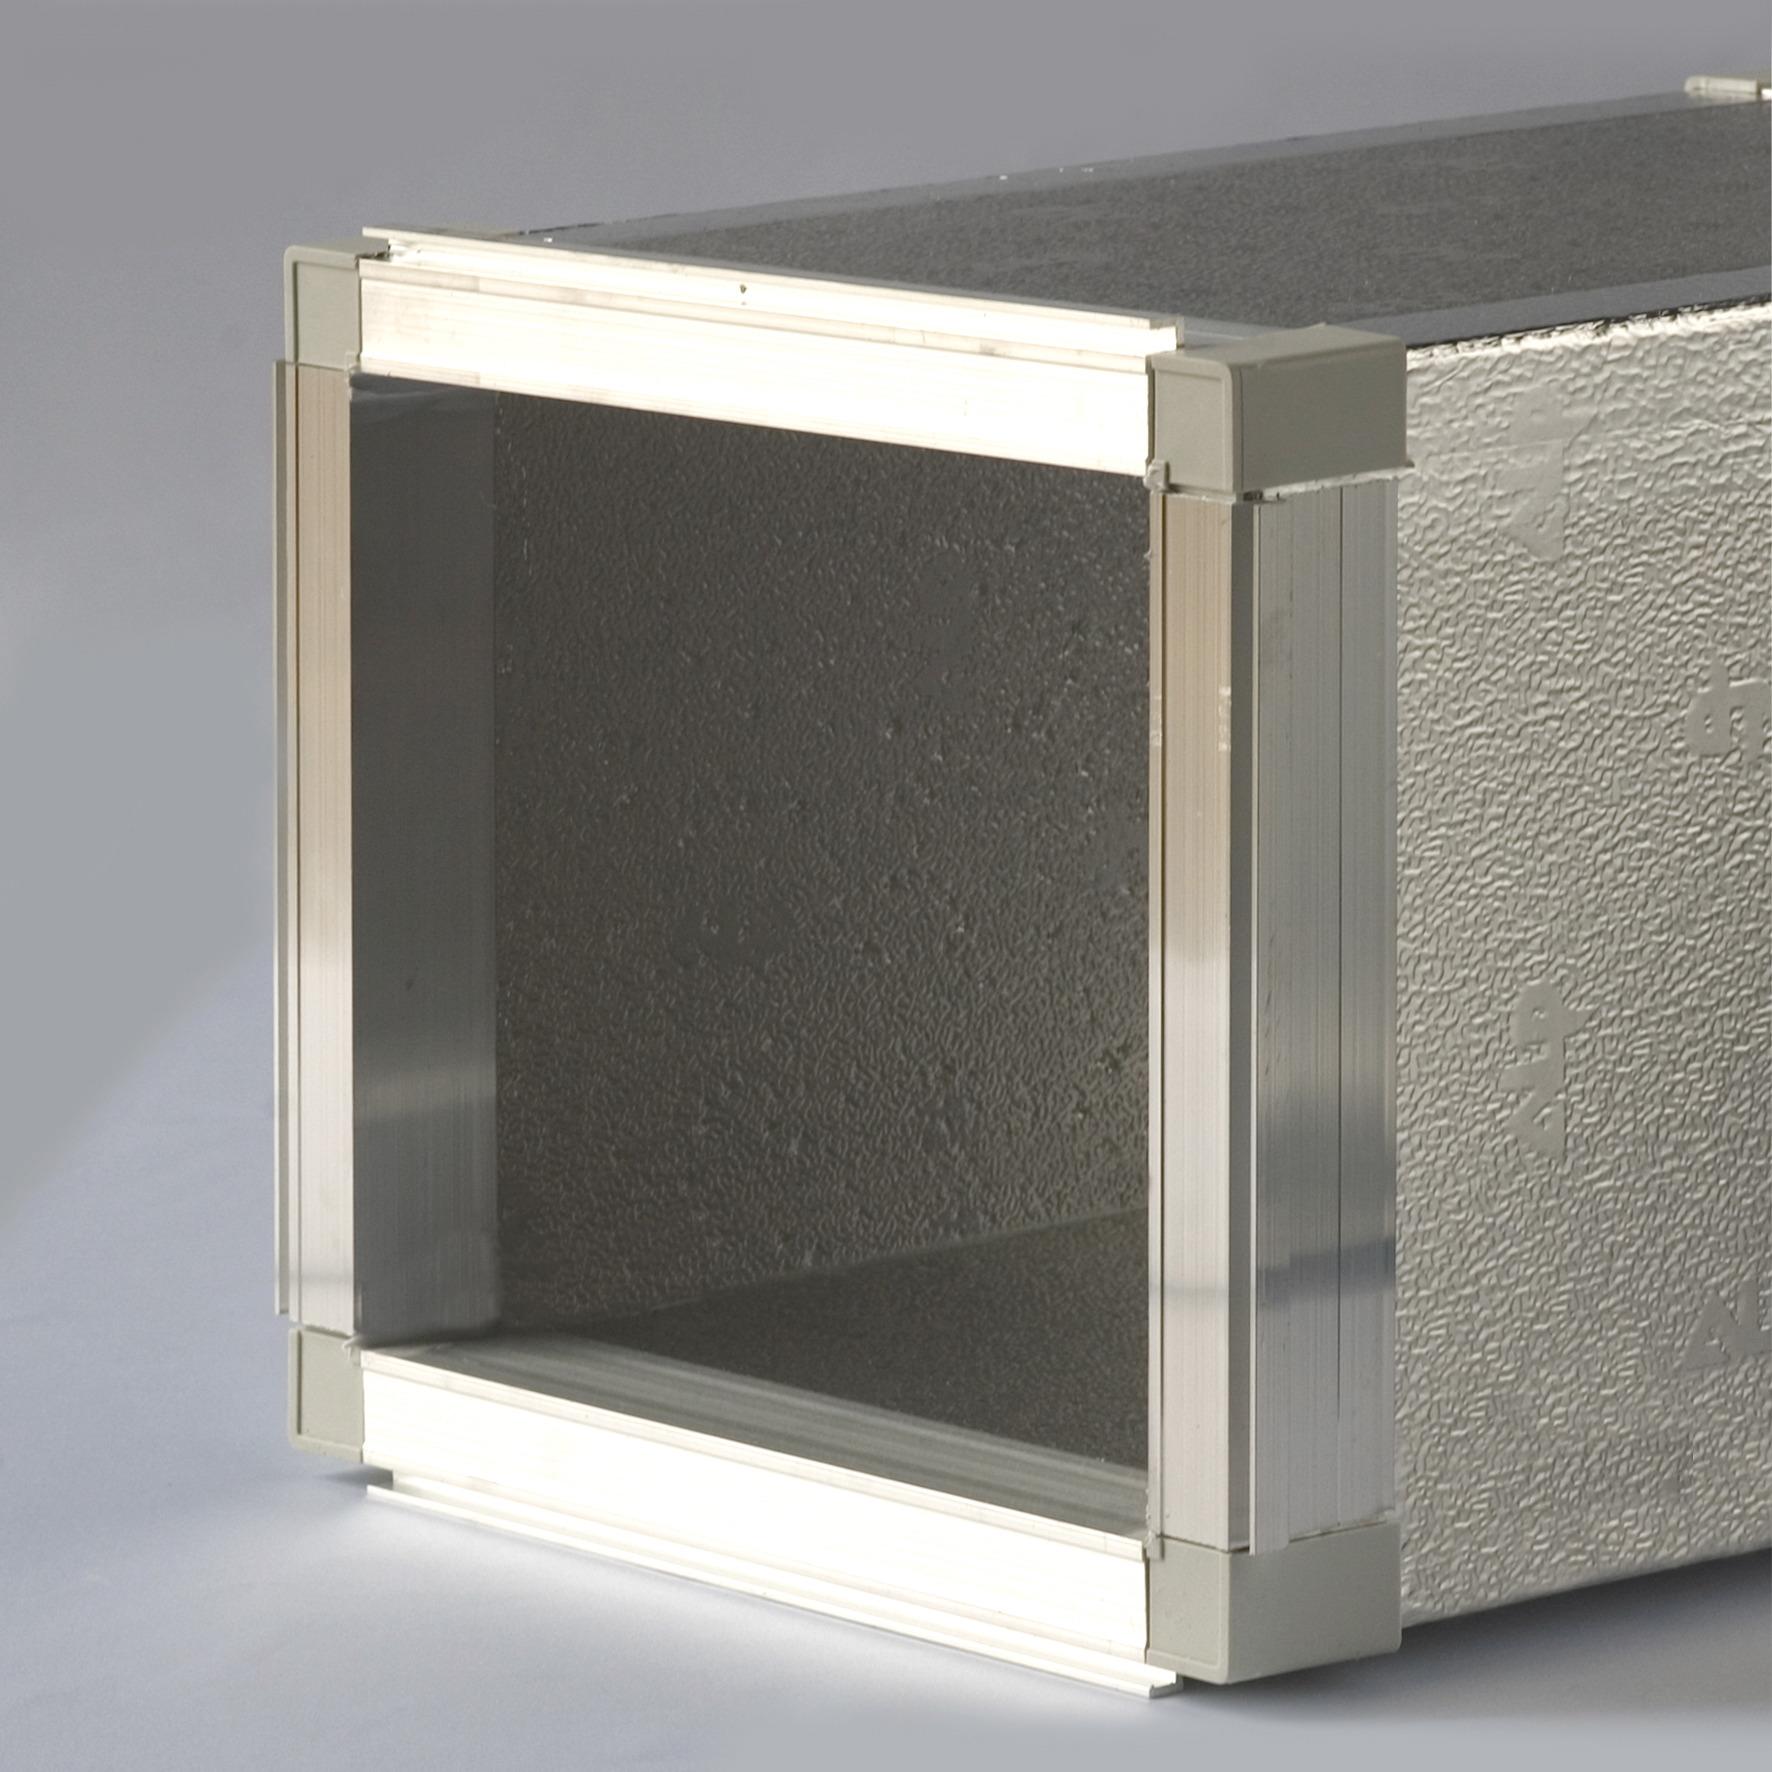 Sfaer - Pagina 4 di 141 - Impianti di climatizzazione, condotte aria, serrande tagliafuoco ...